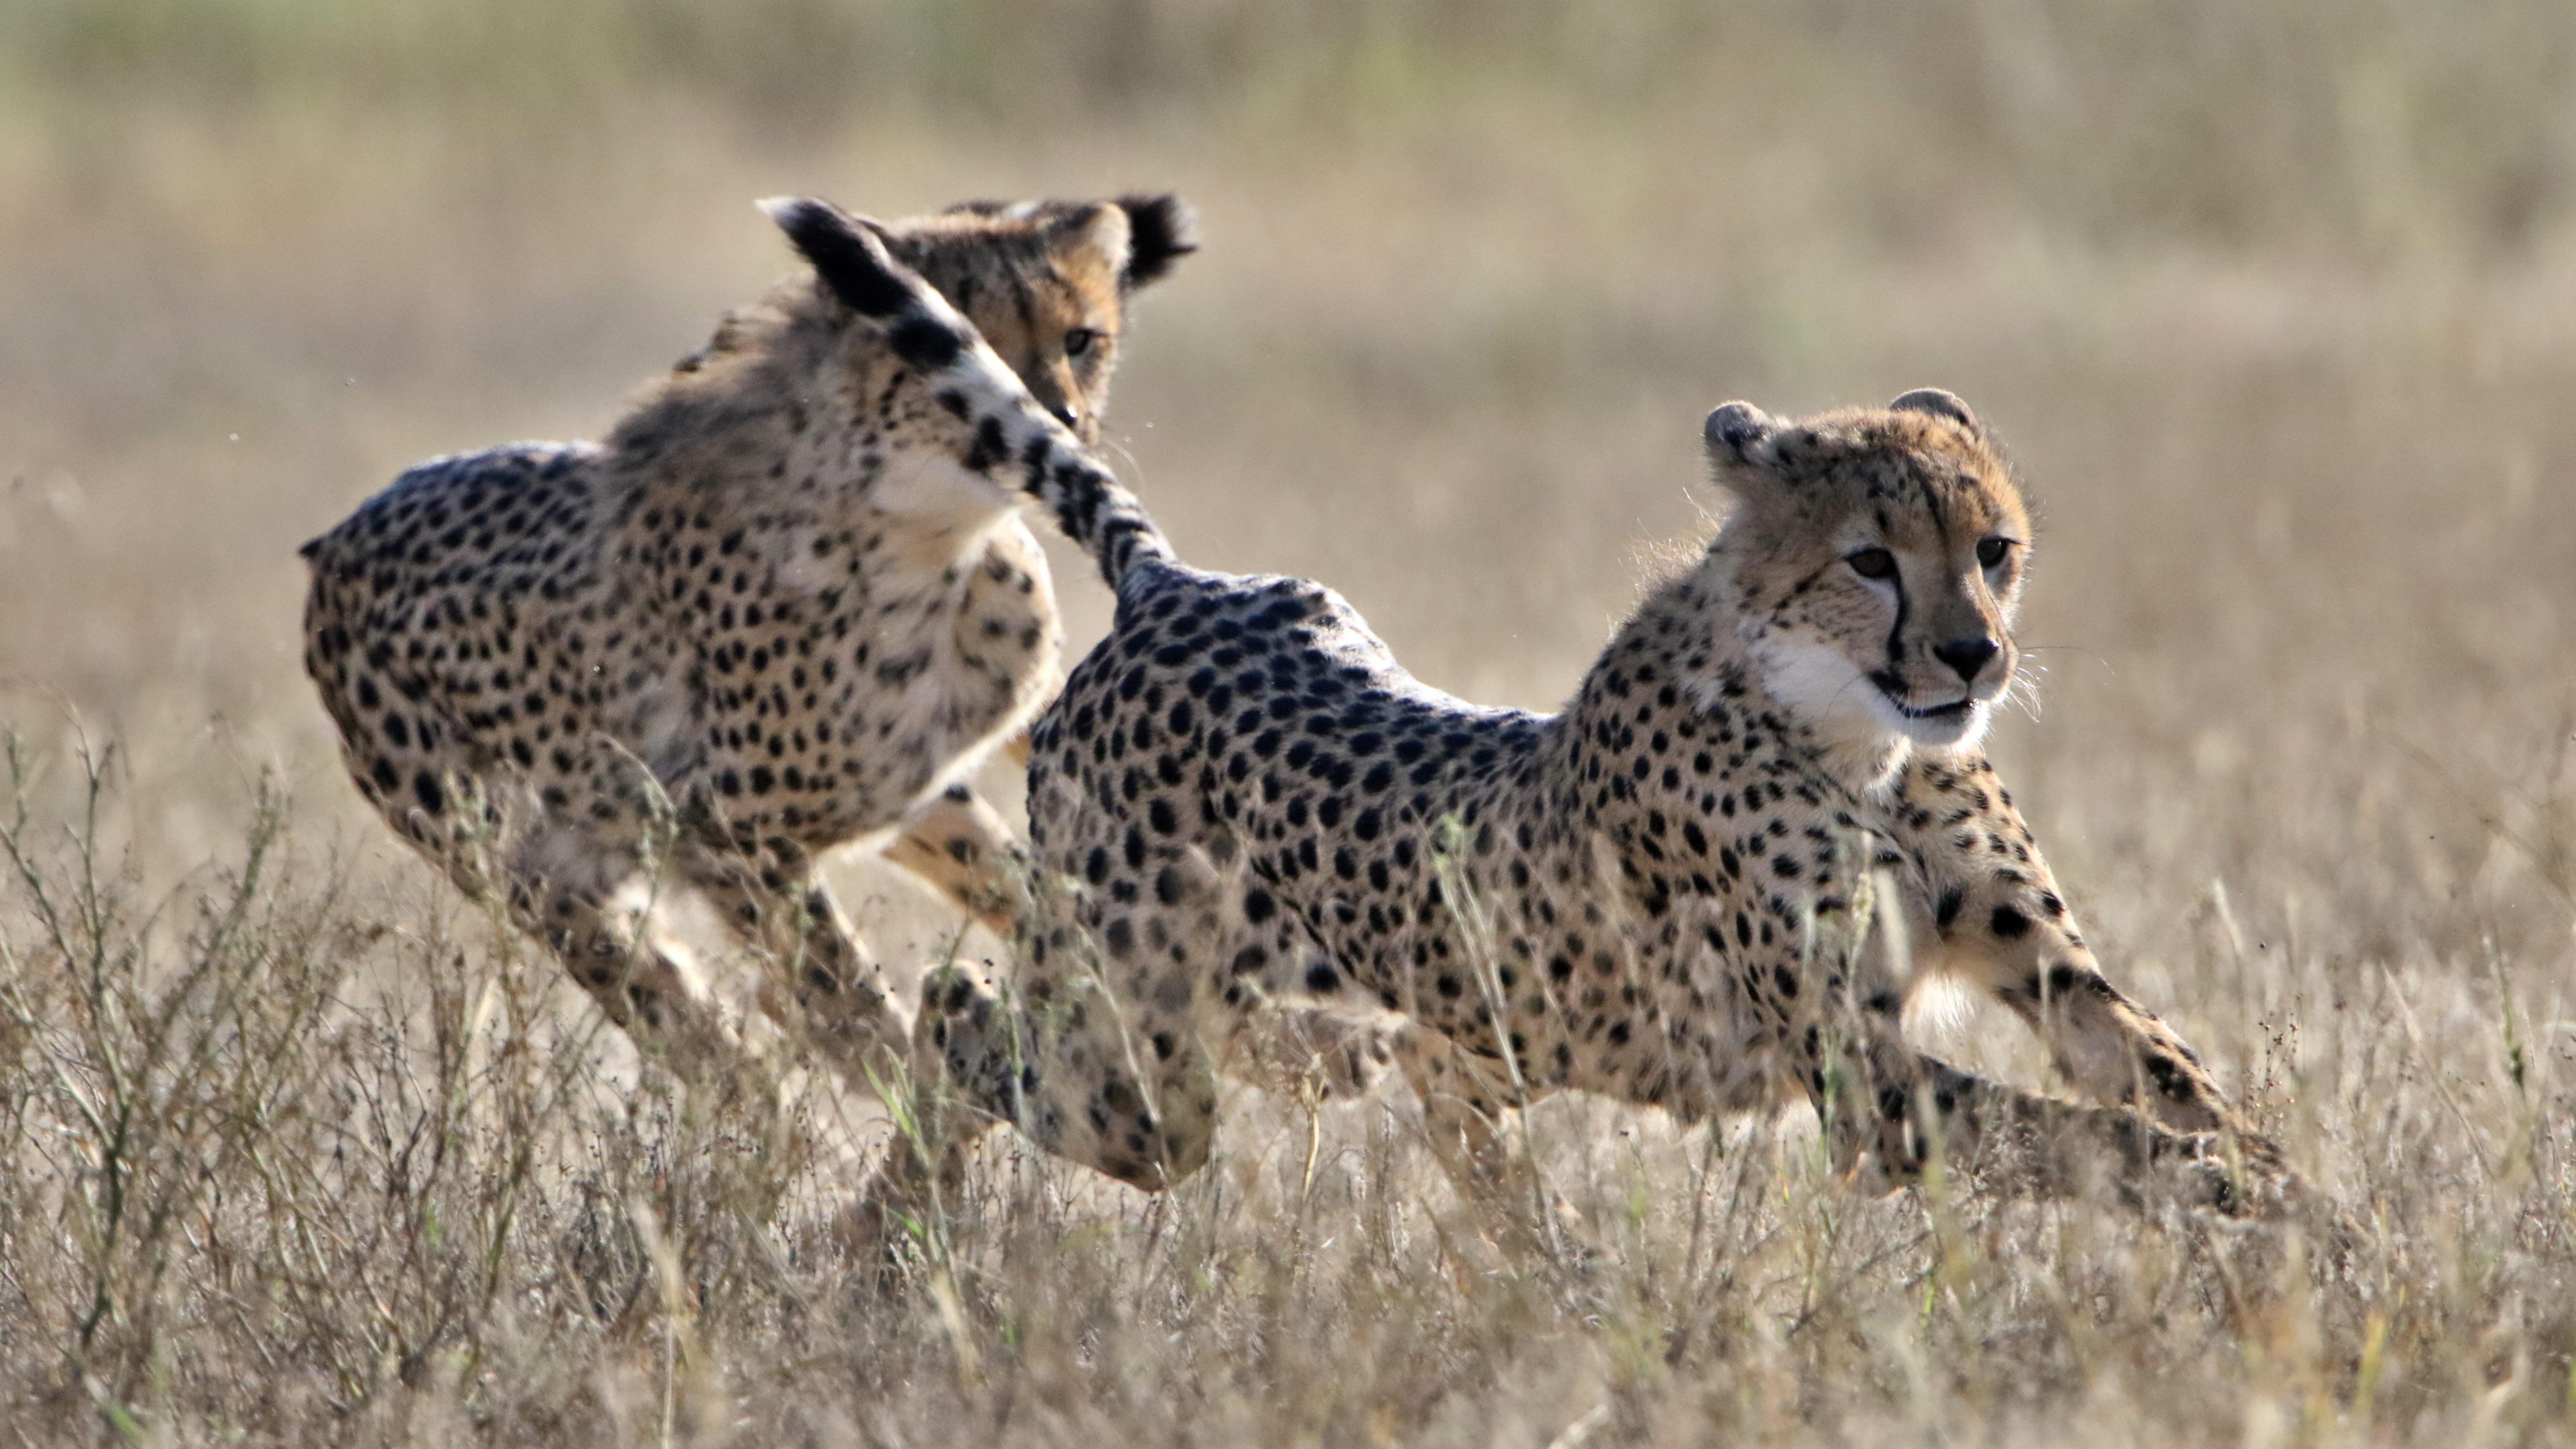 Cheetah, Acinonyx jubatus, at Kgalagadi Transfrontier Park, Nort